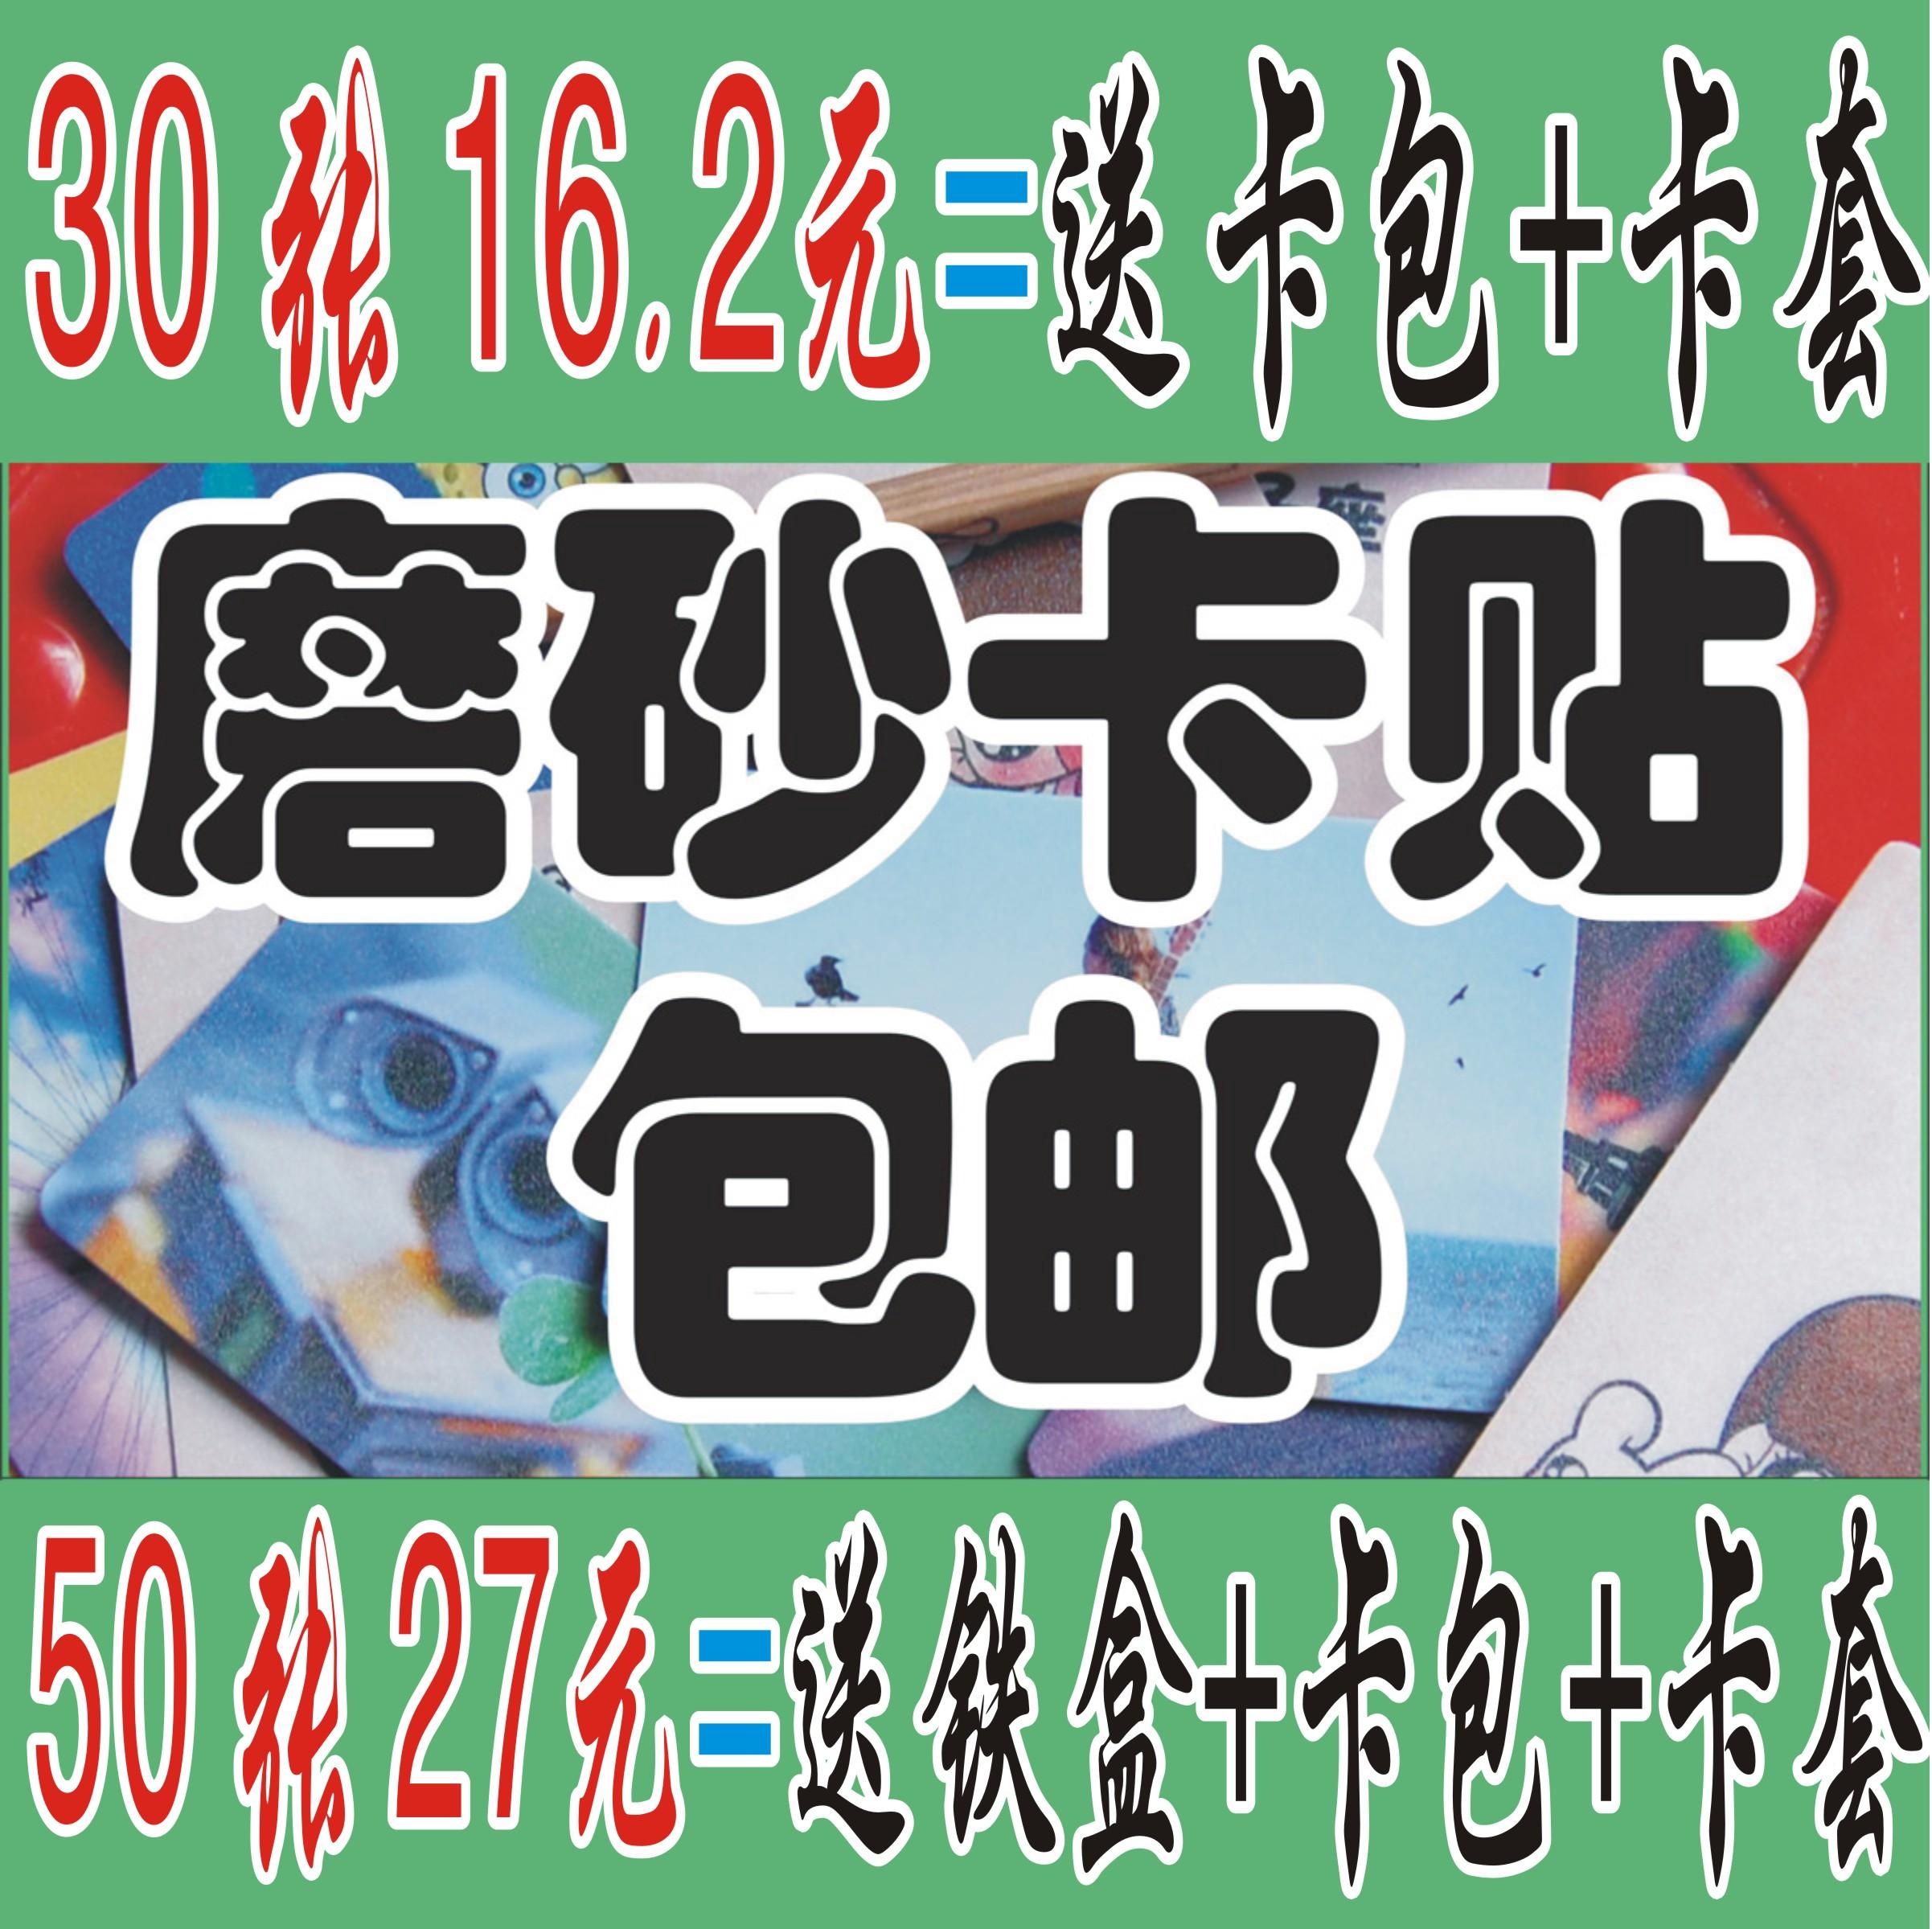 Производство сим-карта скраб траффик сим-карта мультики сим-карта звезда анимация сим-карта стандарт diy рис сим-карта сделанный на заказ волна